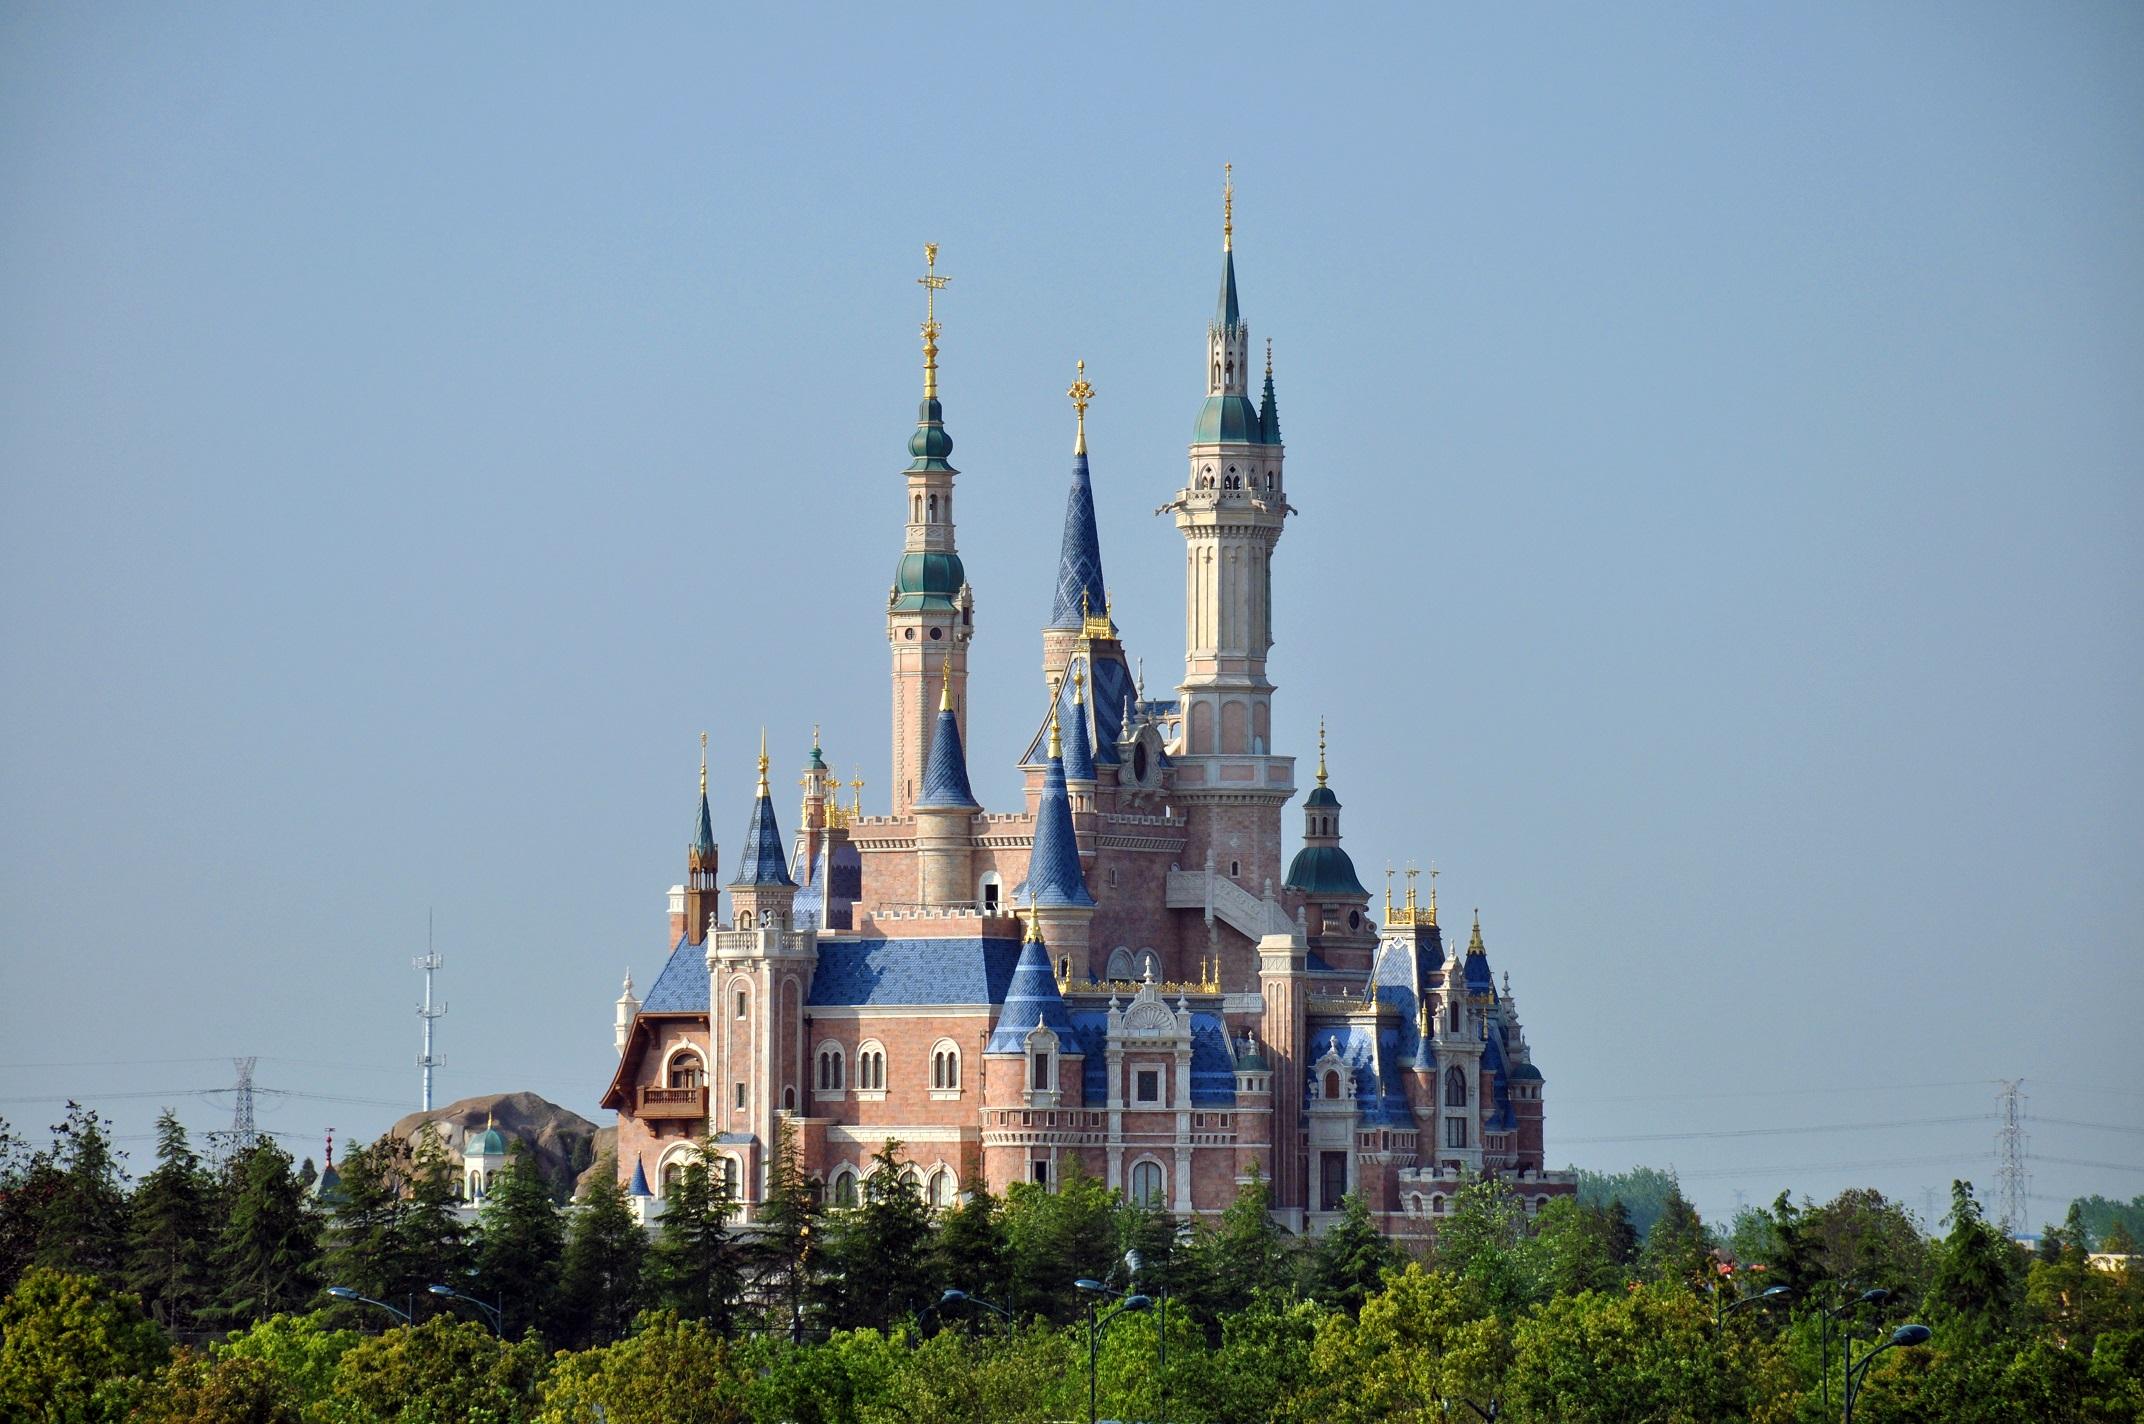 Enchanted_Storybook_Castle_of_Shanghai_Disneyland.jpg